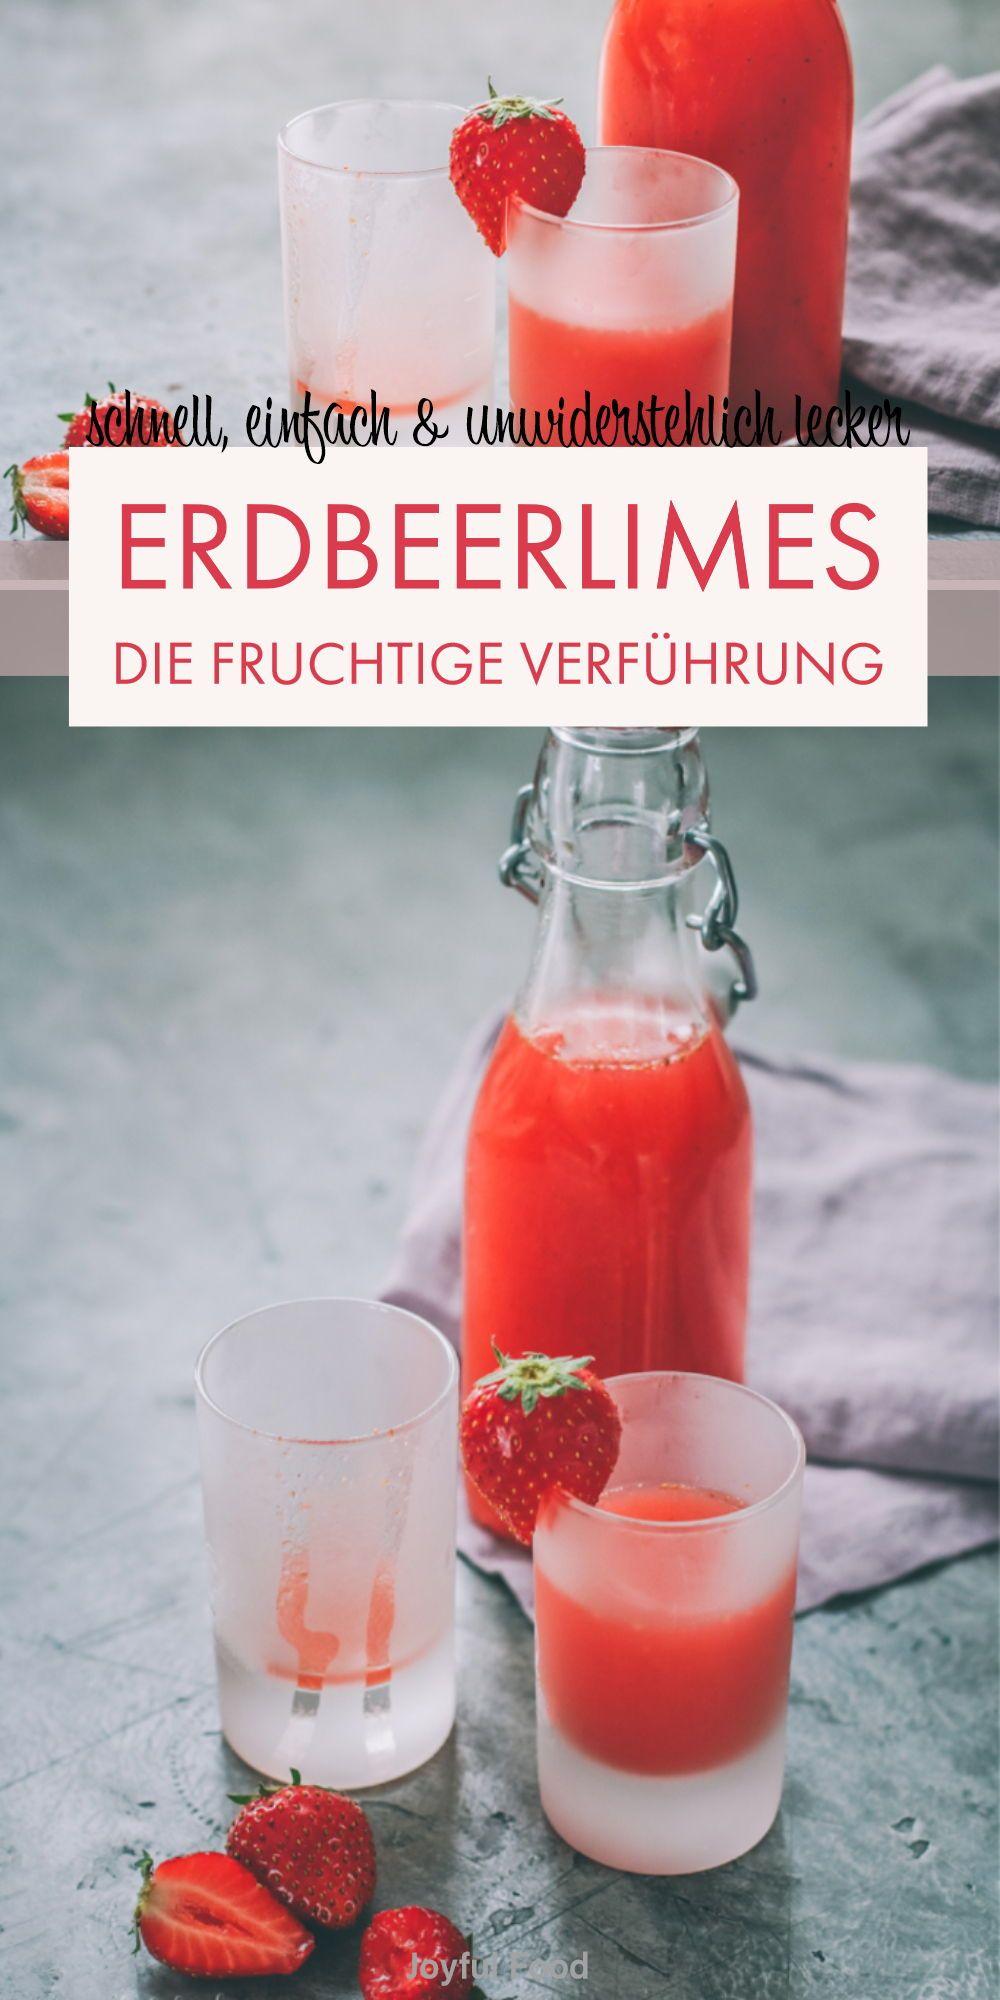 Fruchtiges Erdbeerlimes Rezept - einfach selber machen | Joyful Food